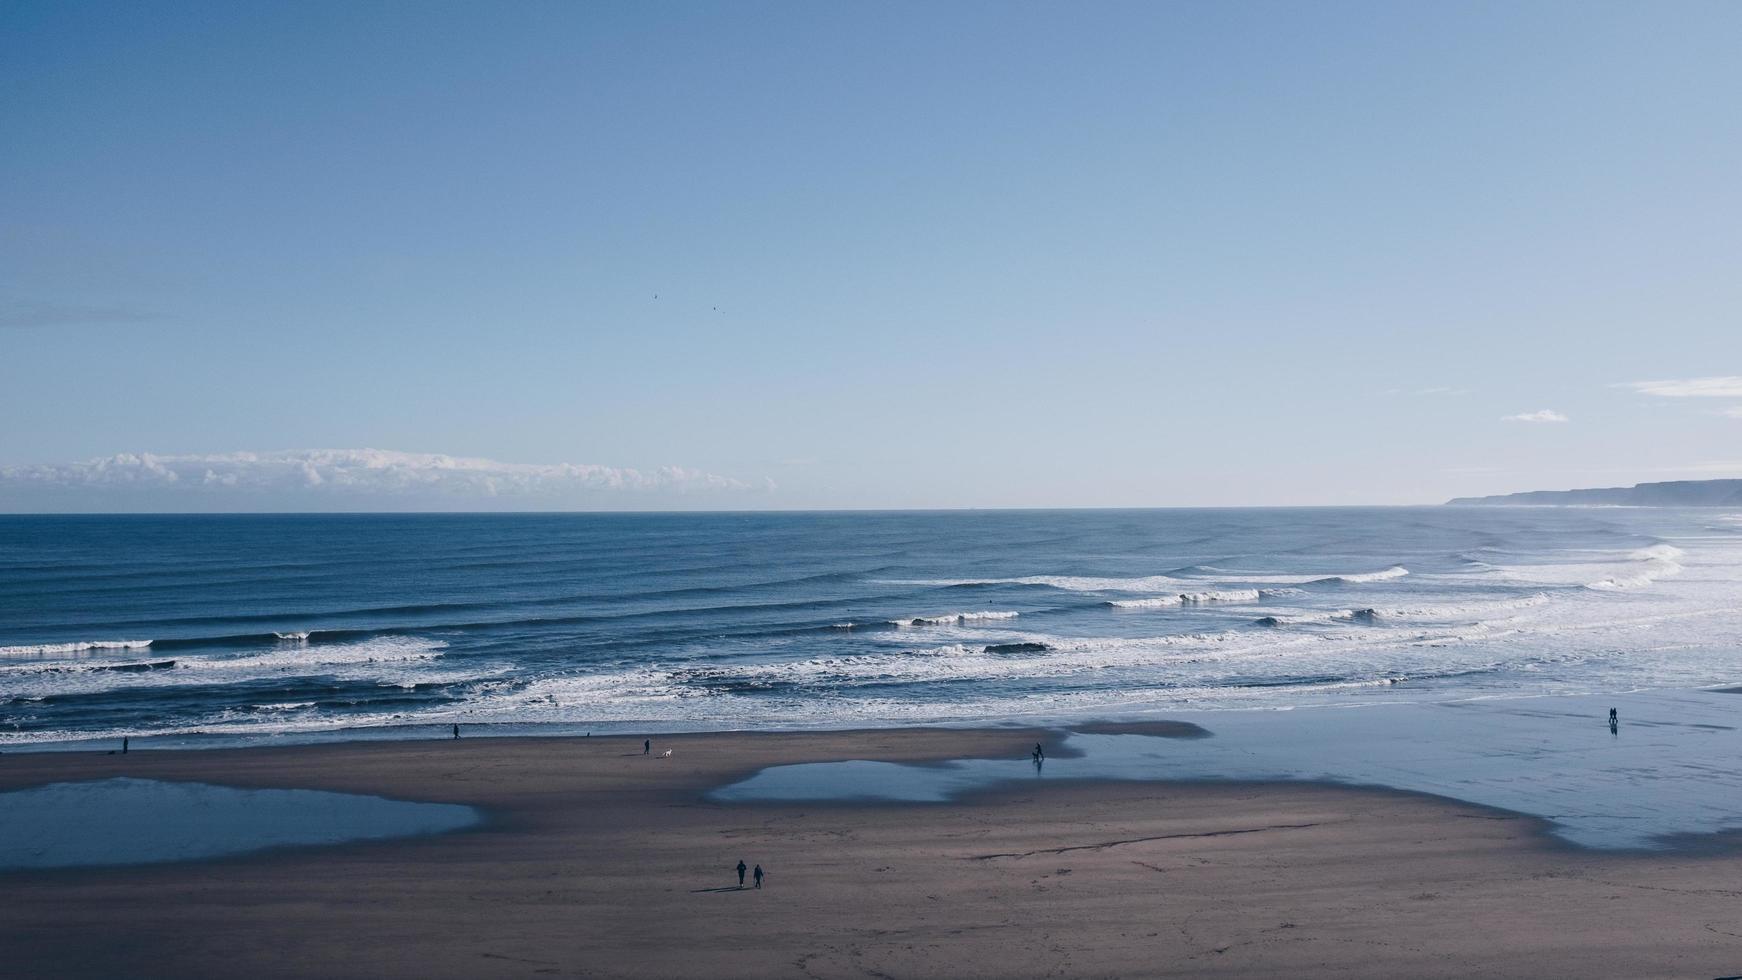 vue paysage de plage photo